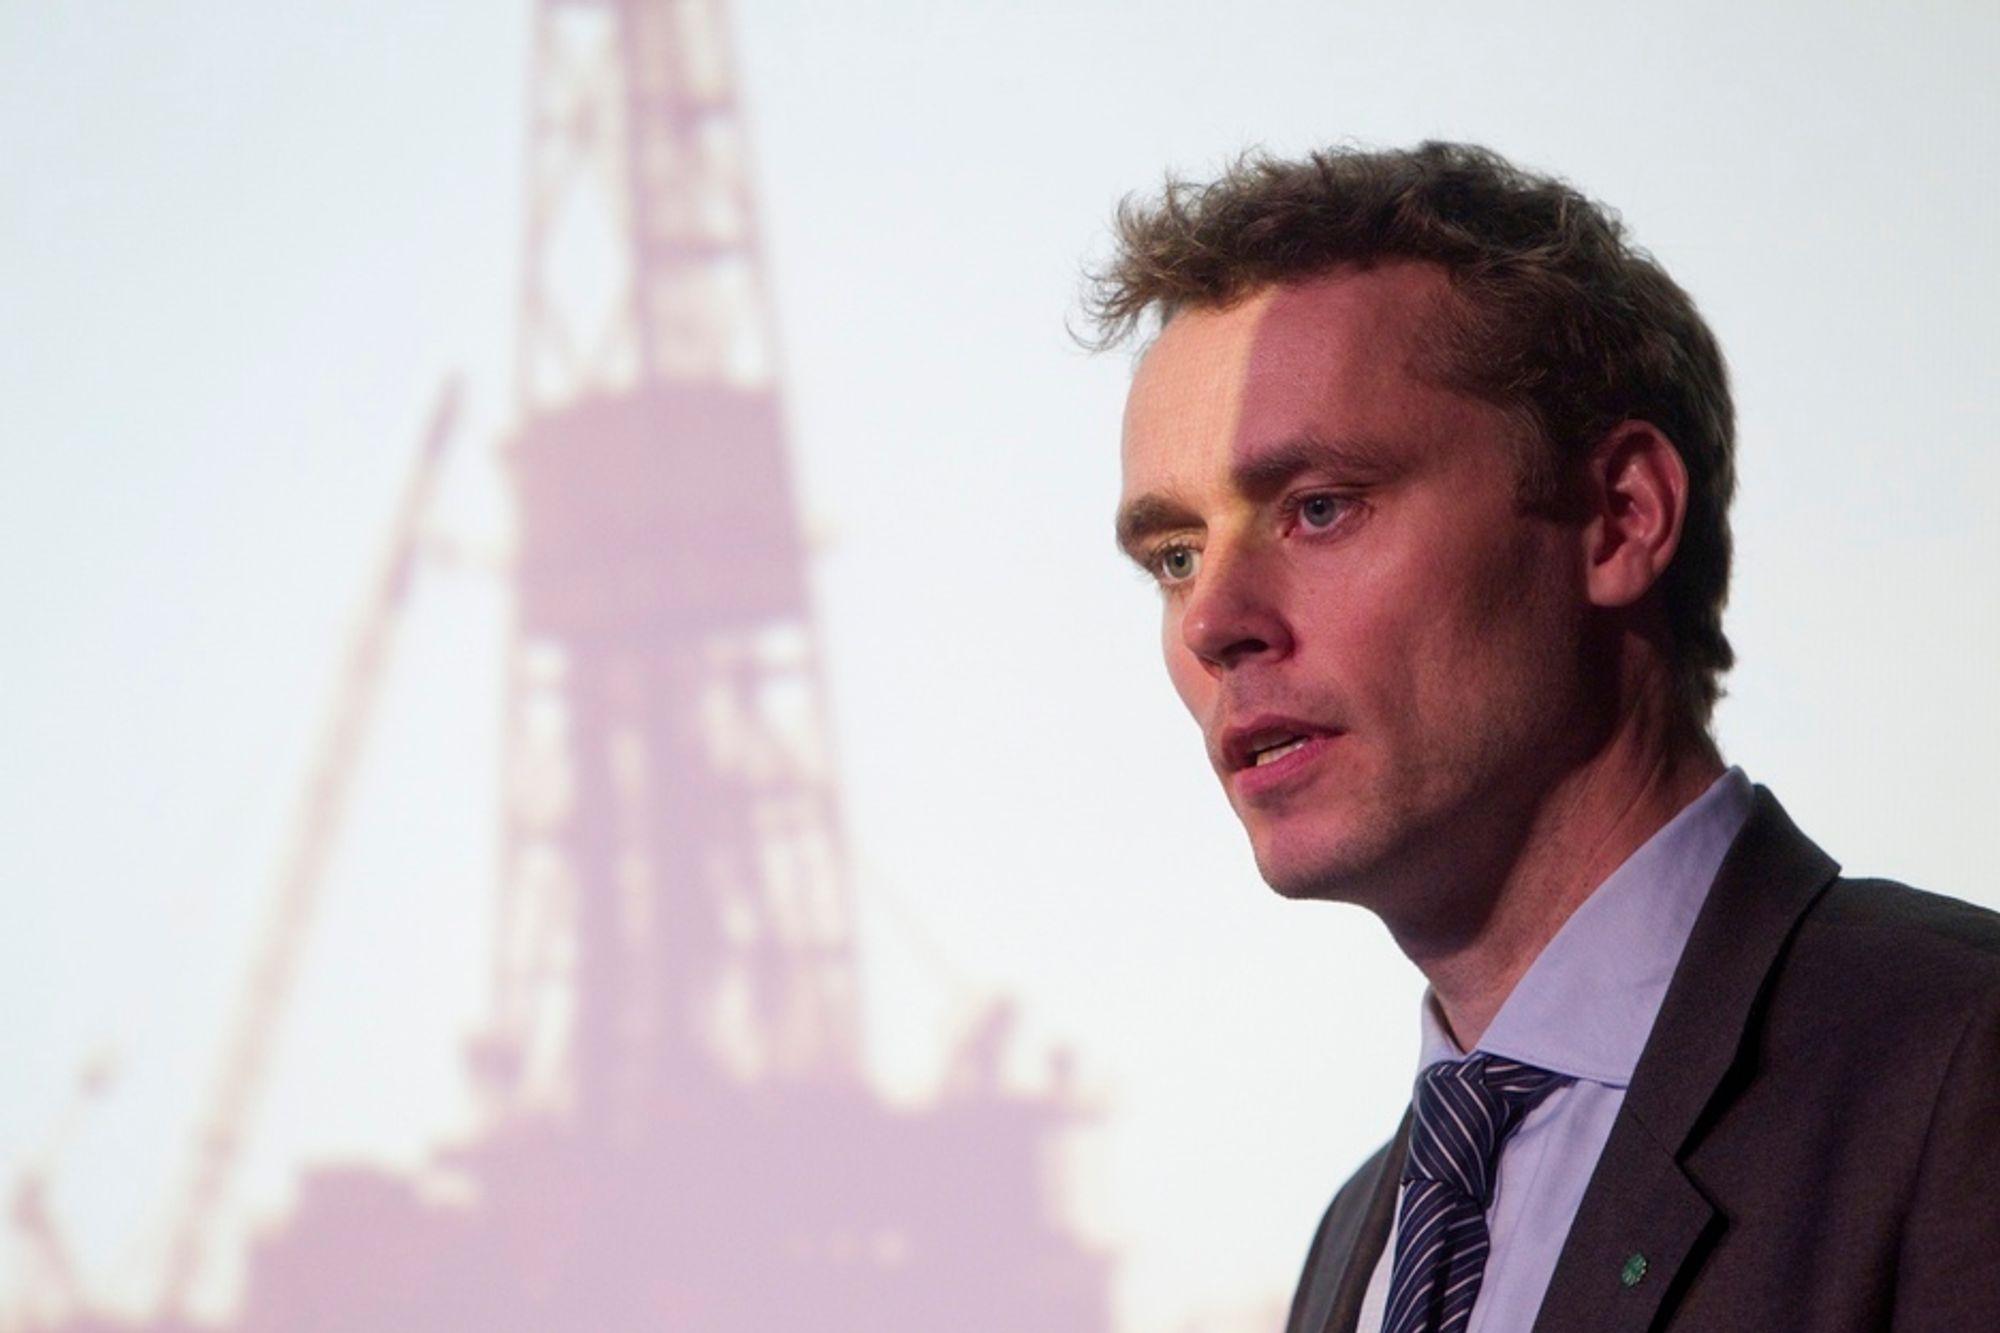 Ola Borten Moe vil selv gi navn til store oljefunn. Men han blir imøtegått av OD og Språkrådet.